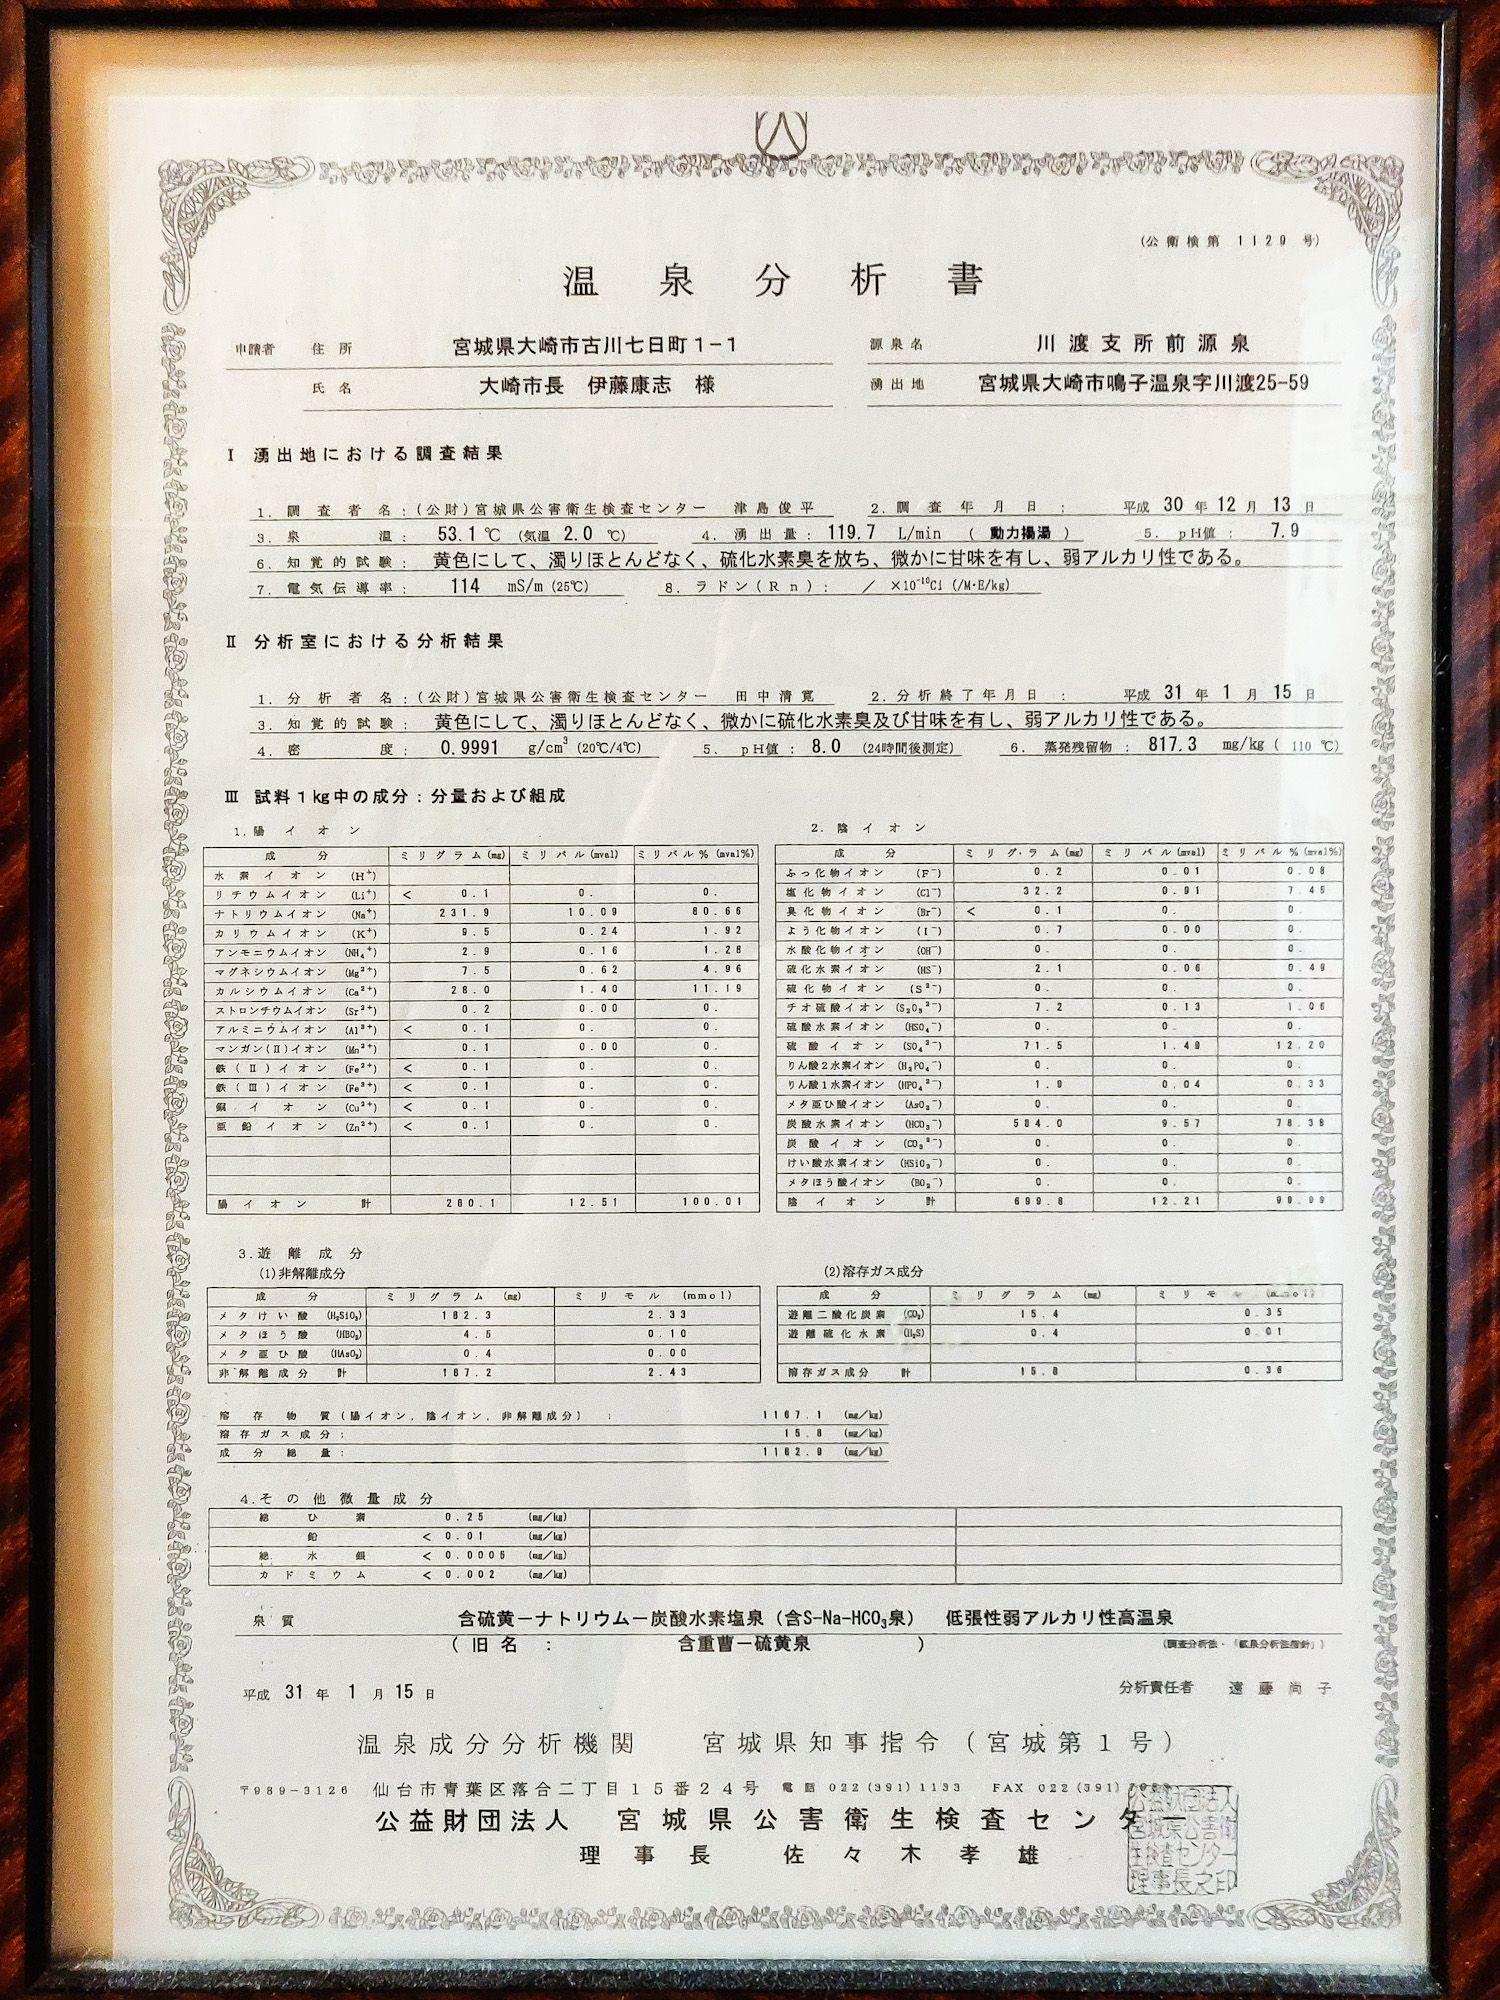 川渡温泉共同浴場 温泉分析書